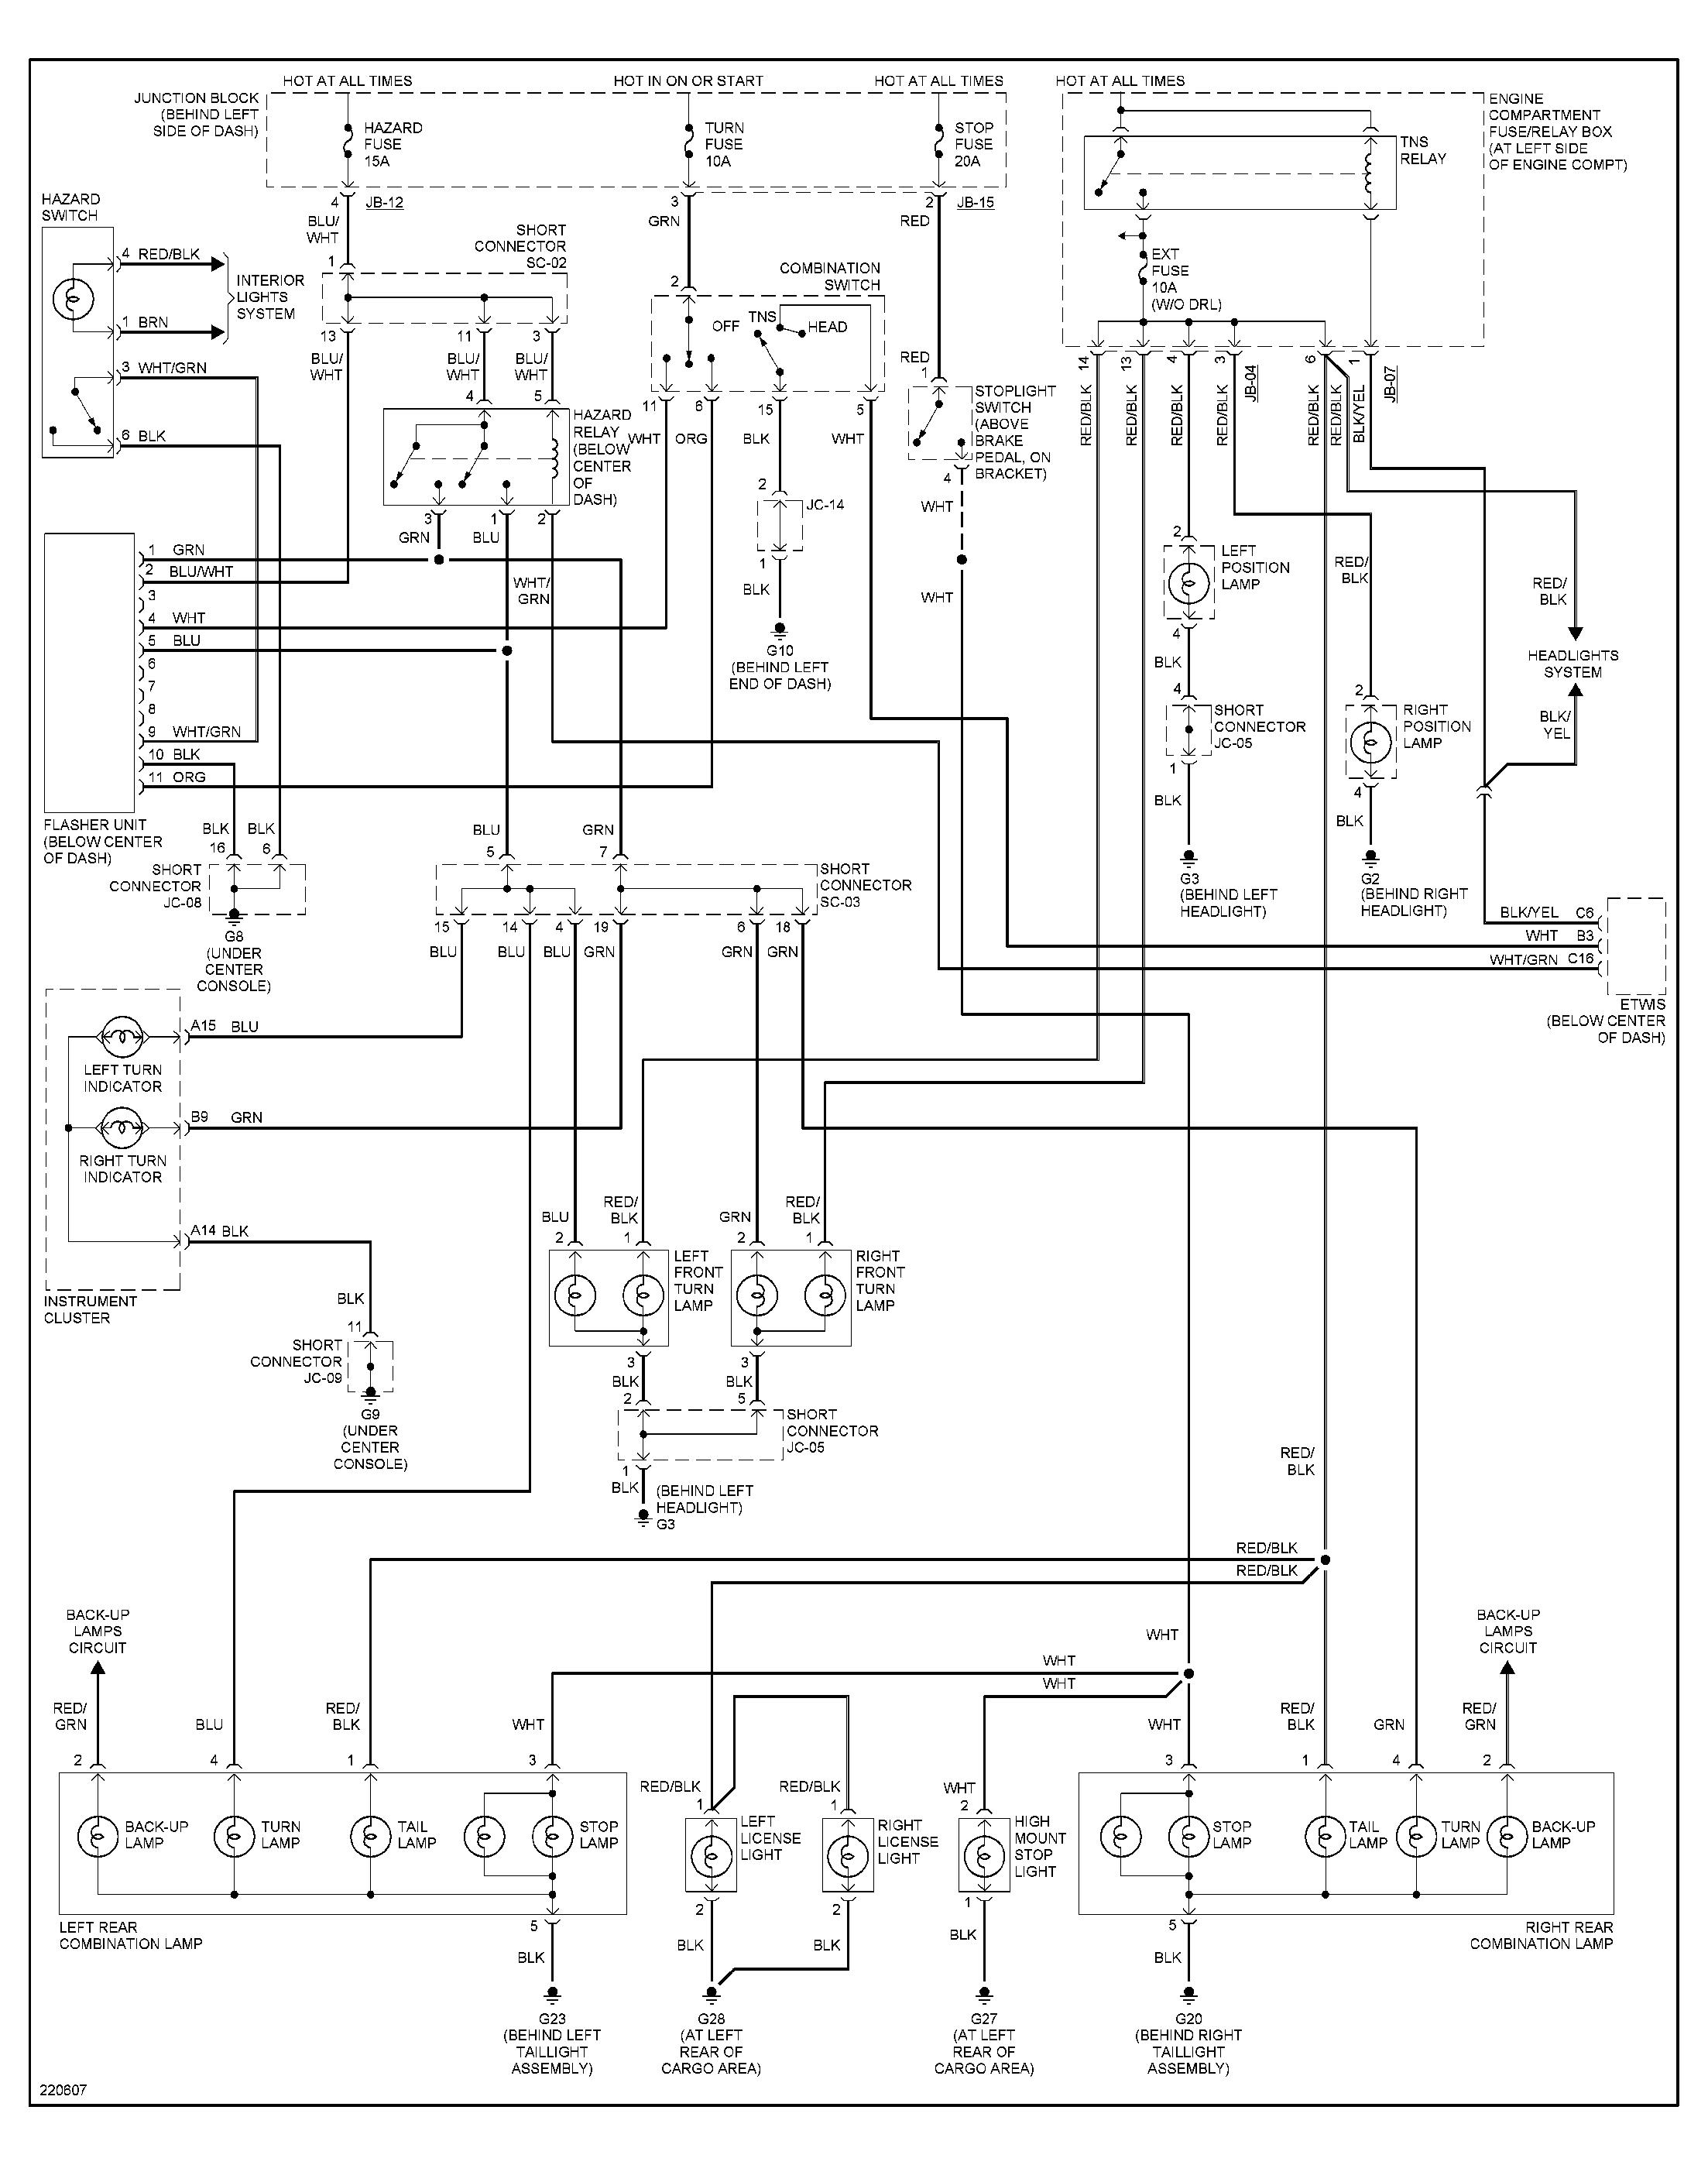 kia sedona wiring diagram wiring diagram blog kia sorento 2004 spark plug wire routing diagram pdf repair